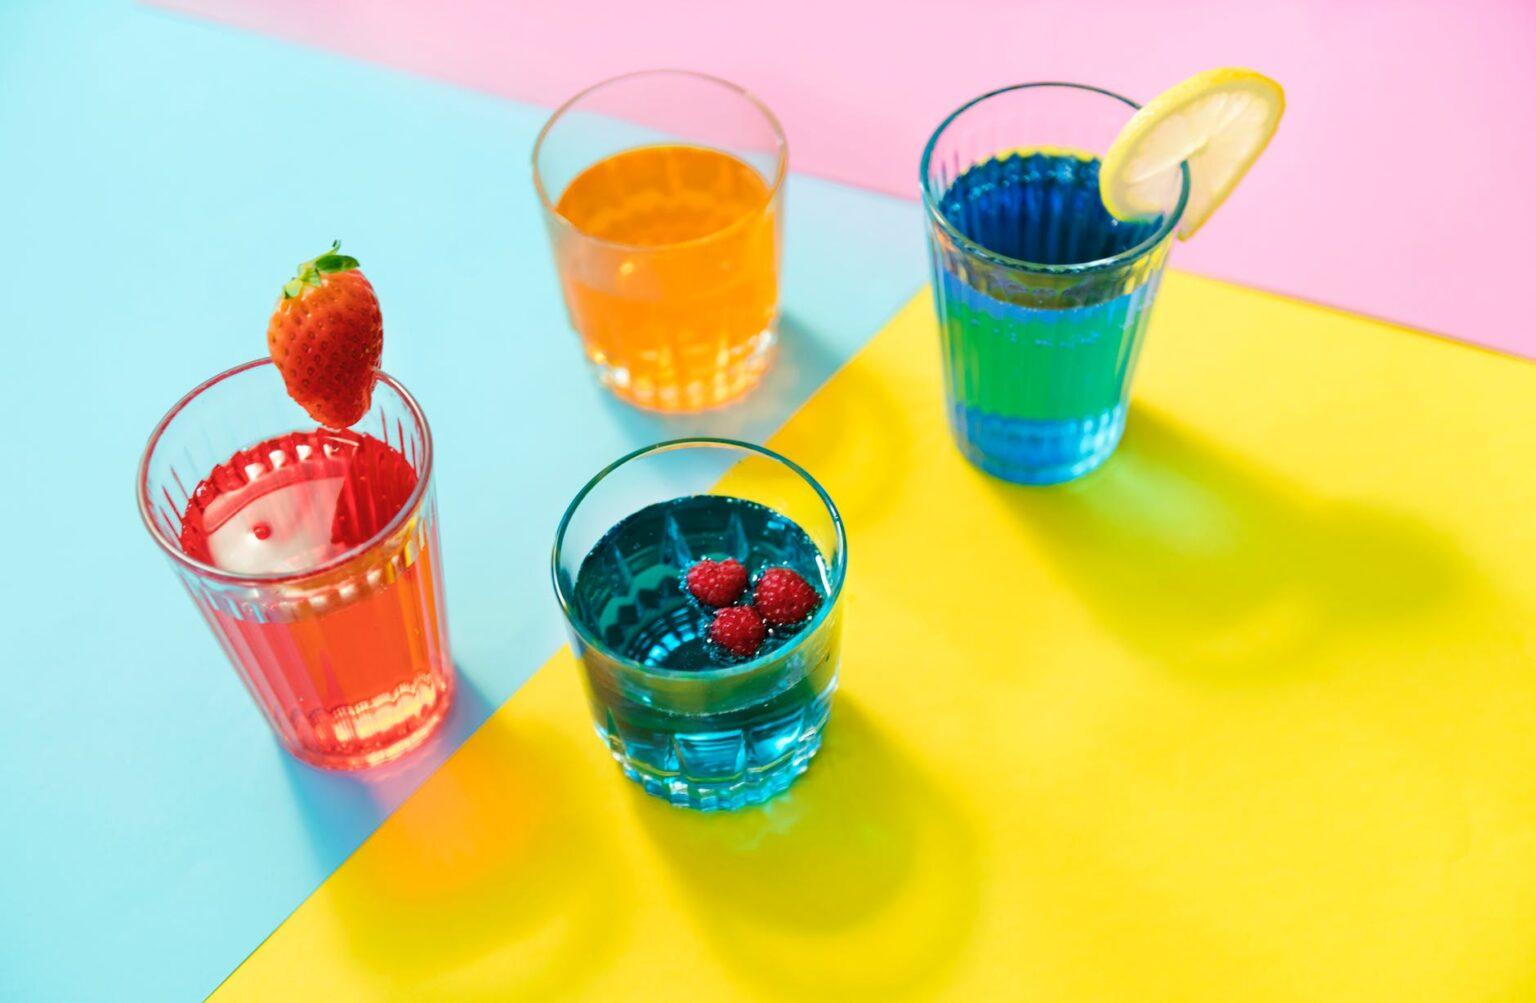 Ingin Coba Peruntungan dalam Bisnis Minuman Ringan? - ABC ...